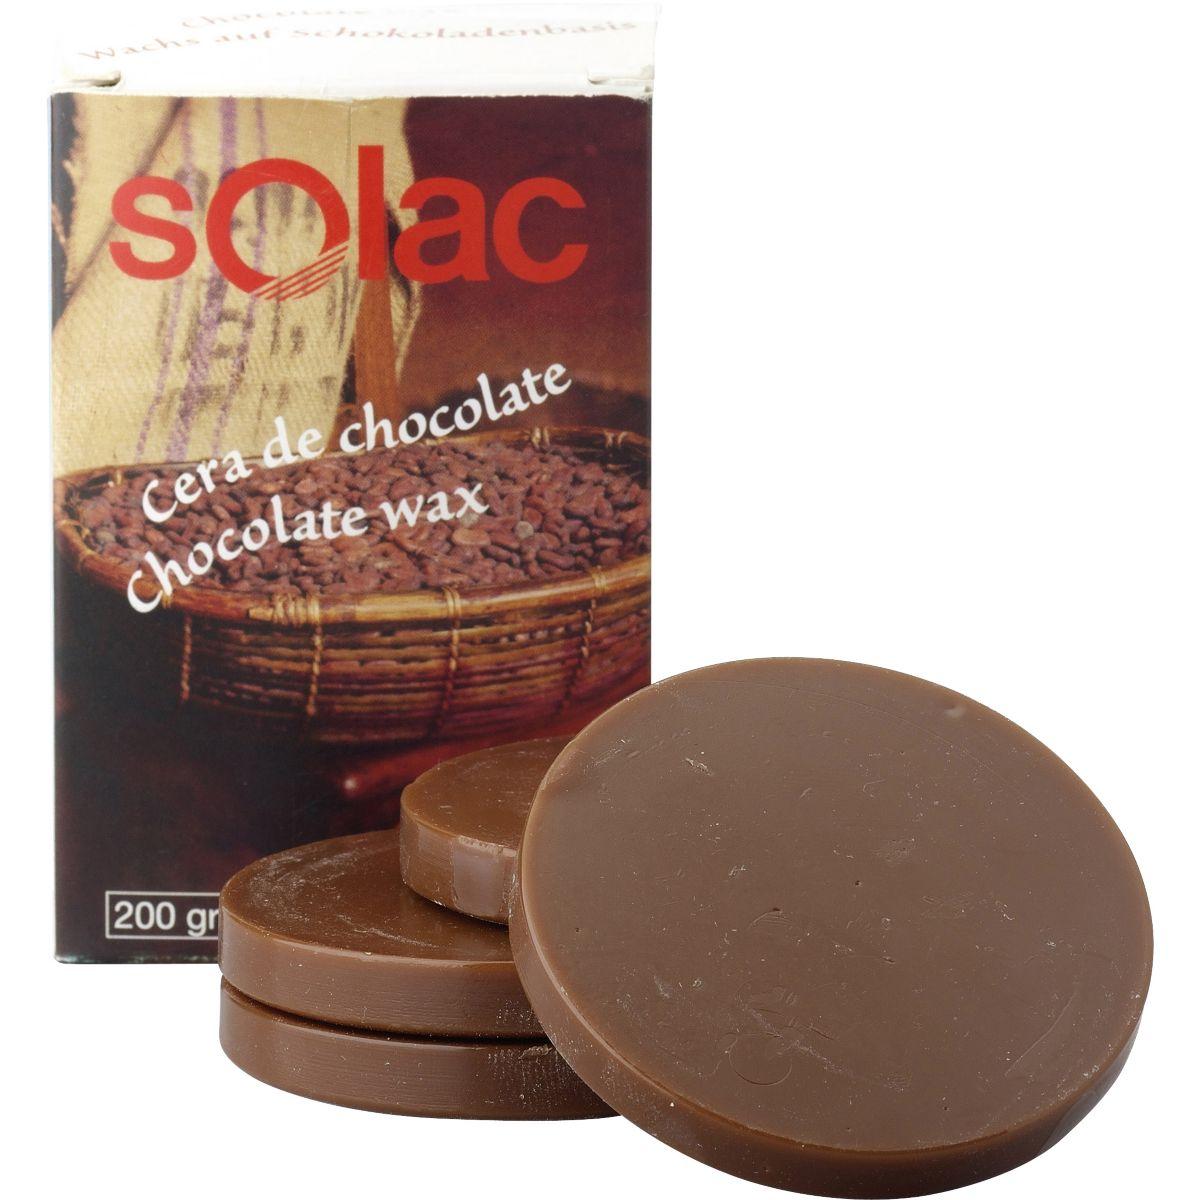 Cire solac chocolat x10 capsules - 7% de remise imm�diate avec le code : automne7 (photo)